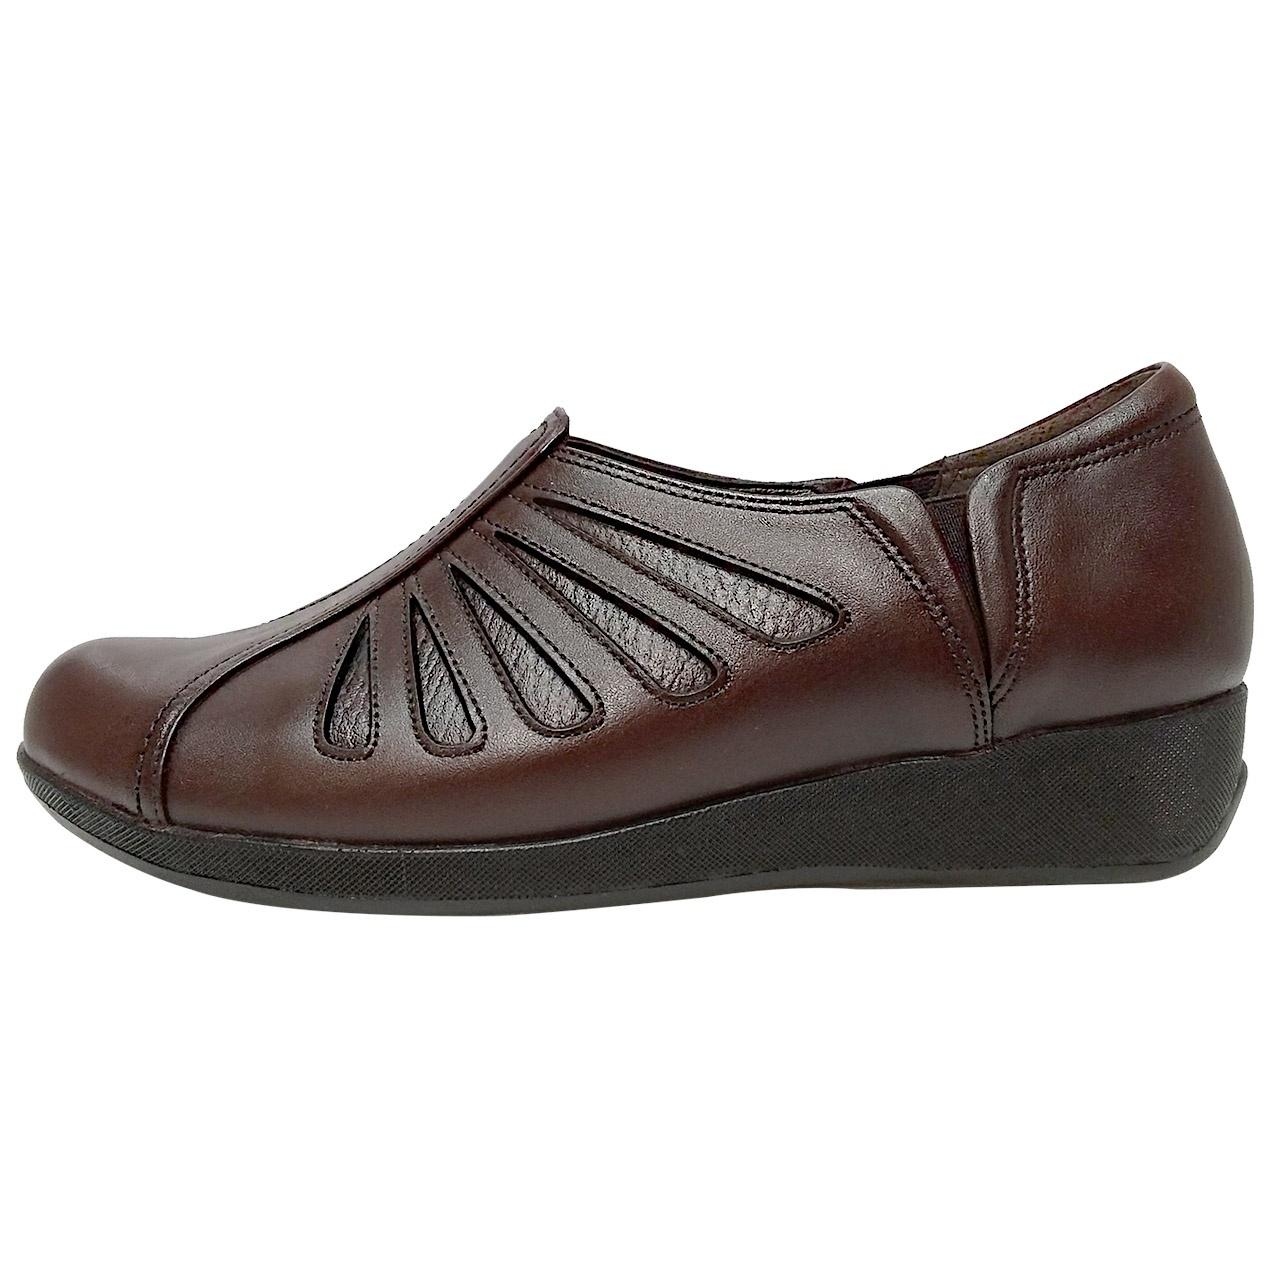 خرید                      کفش طبی زنانه روشن مدل شاهین کد 02